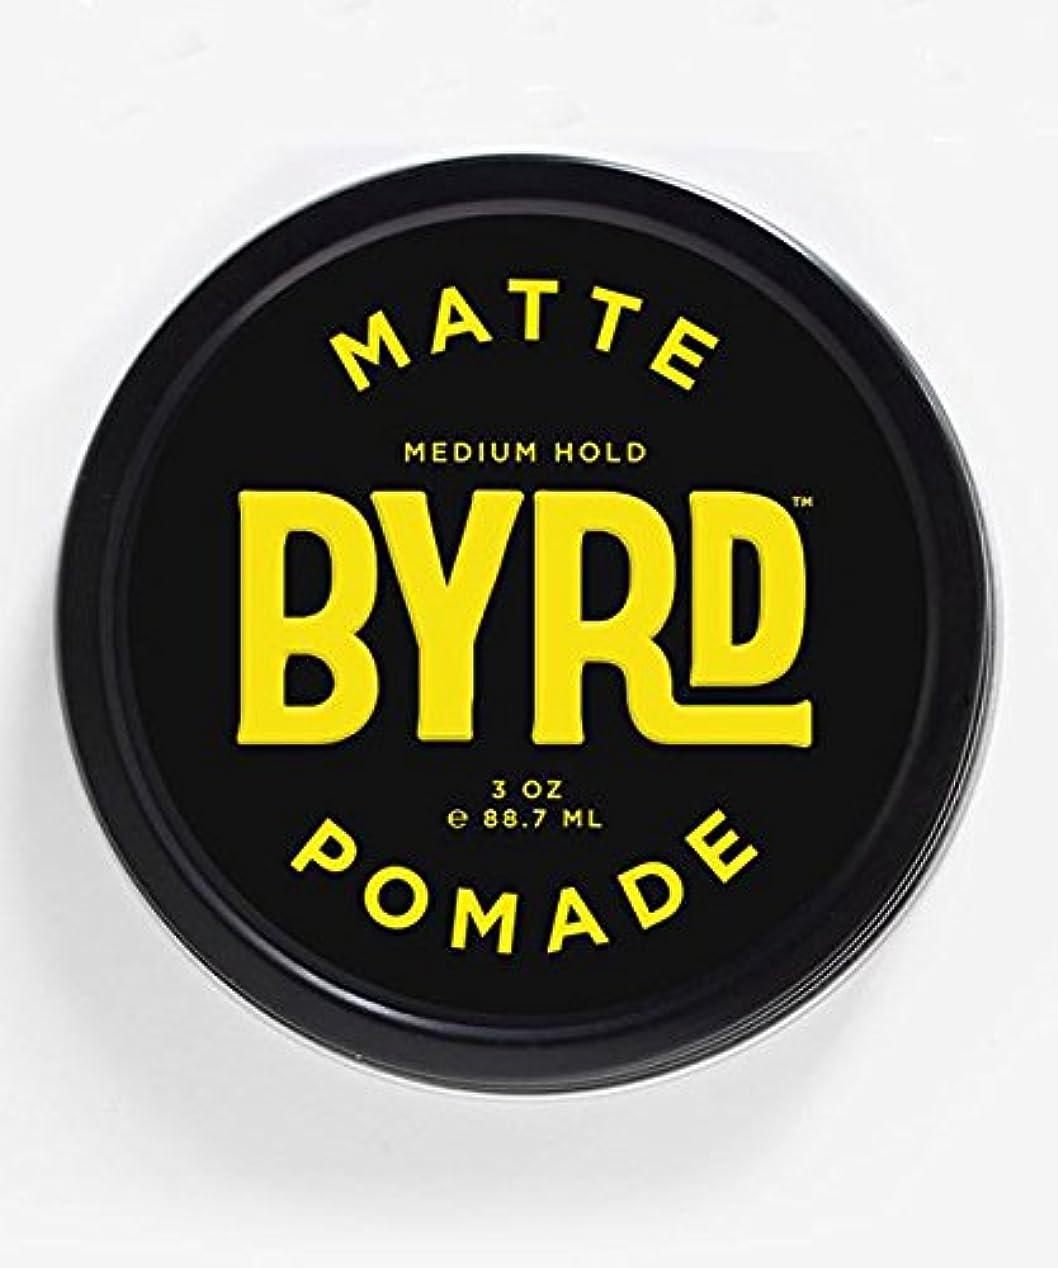 エンゲージメント塗抹元のBYRD(バード) マットポマード 85g